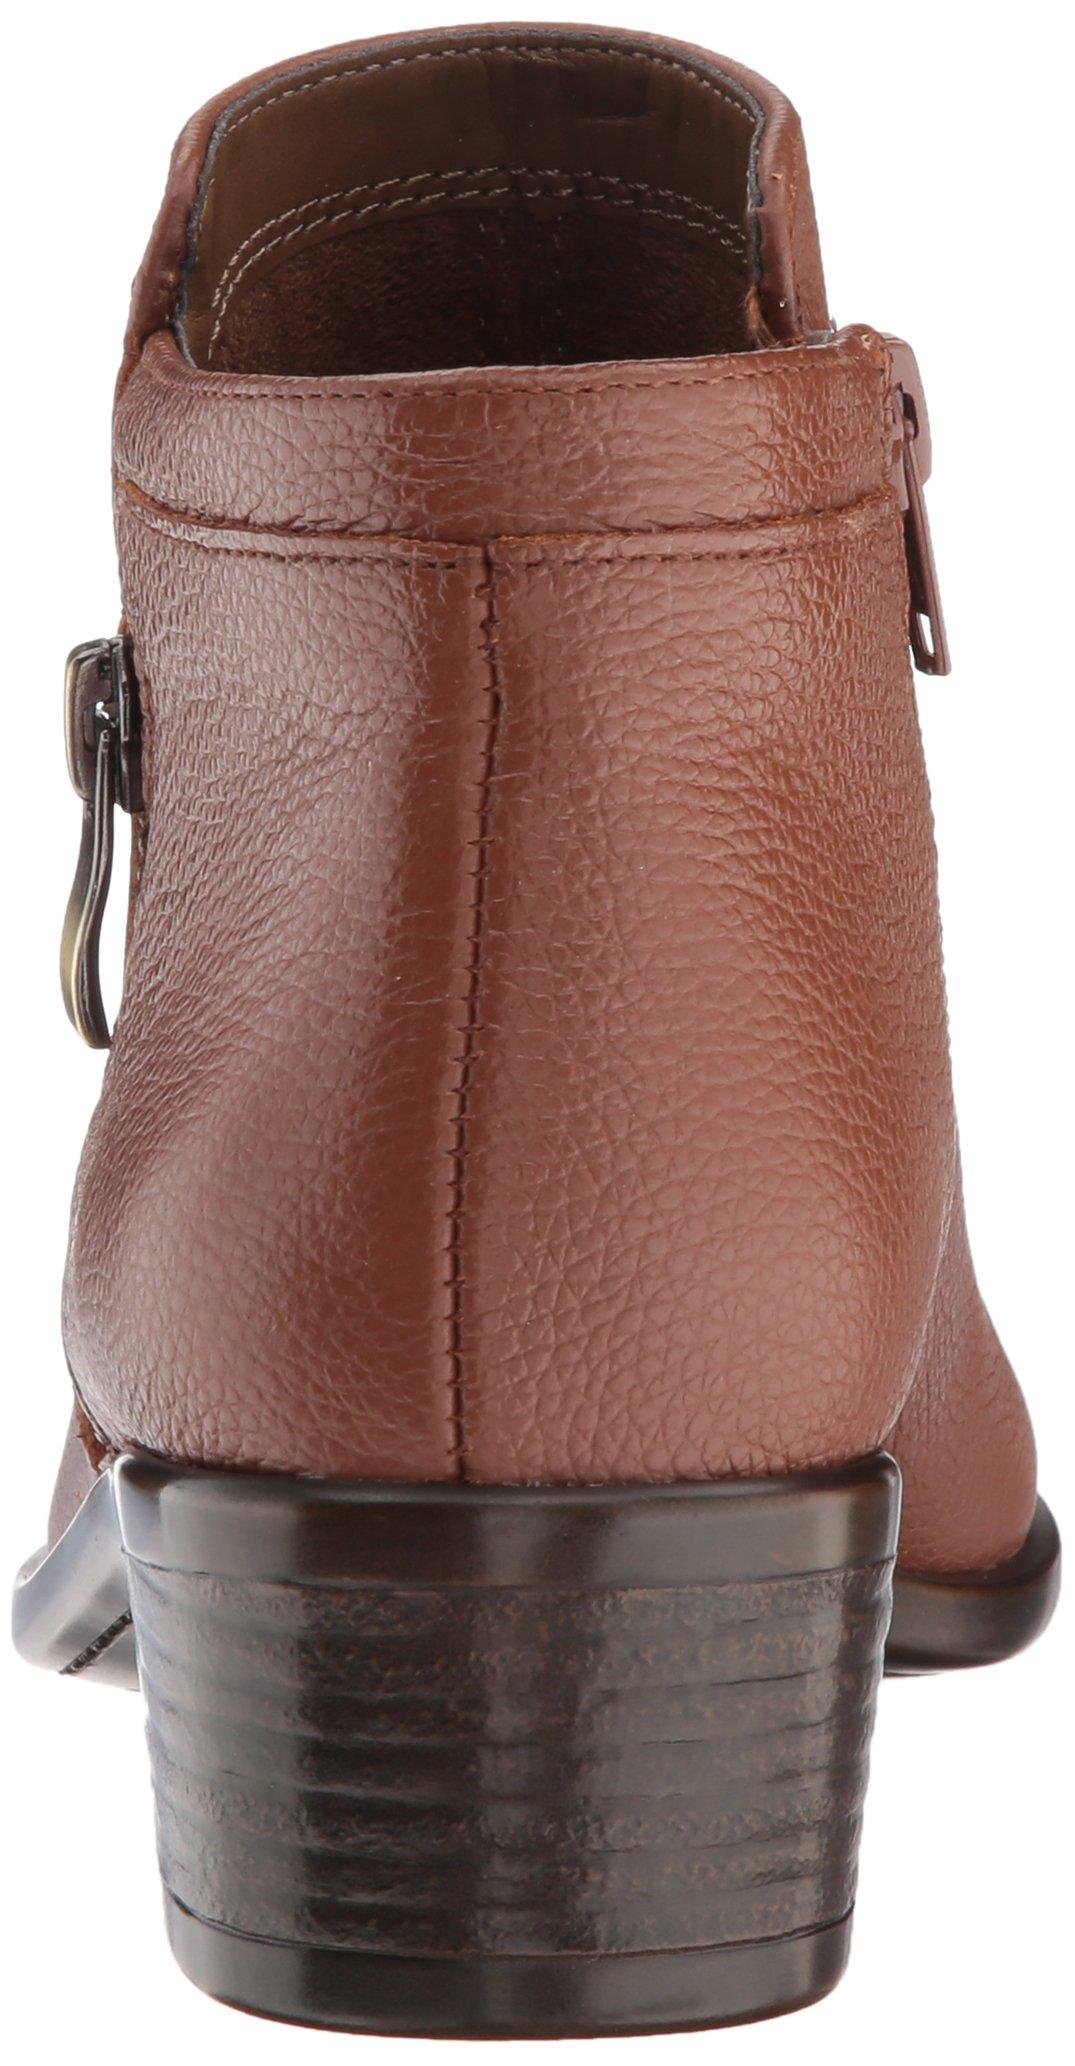 Aerosoles Women's Mythology Boot, Dark Tan Leather, 9 W US by Aerosoles (Image #2)